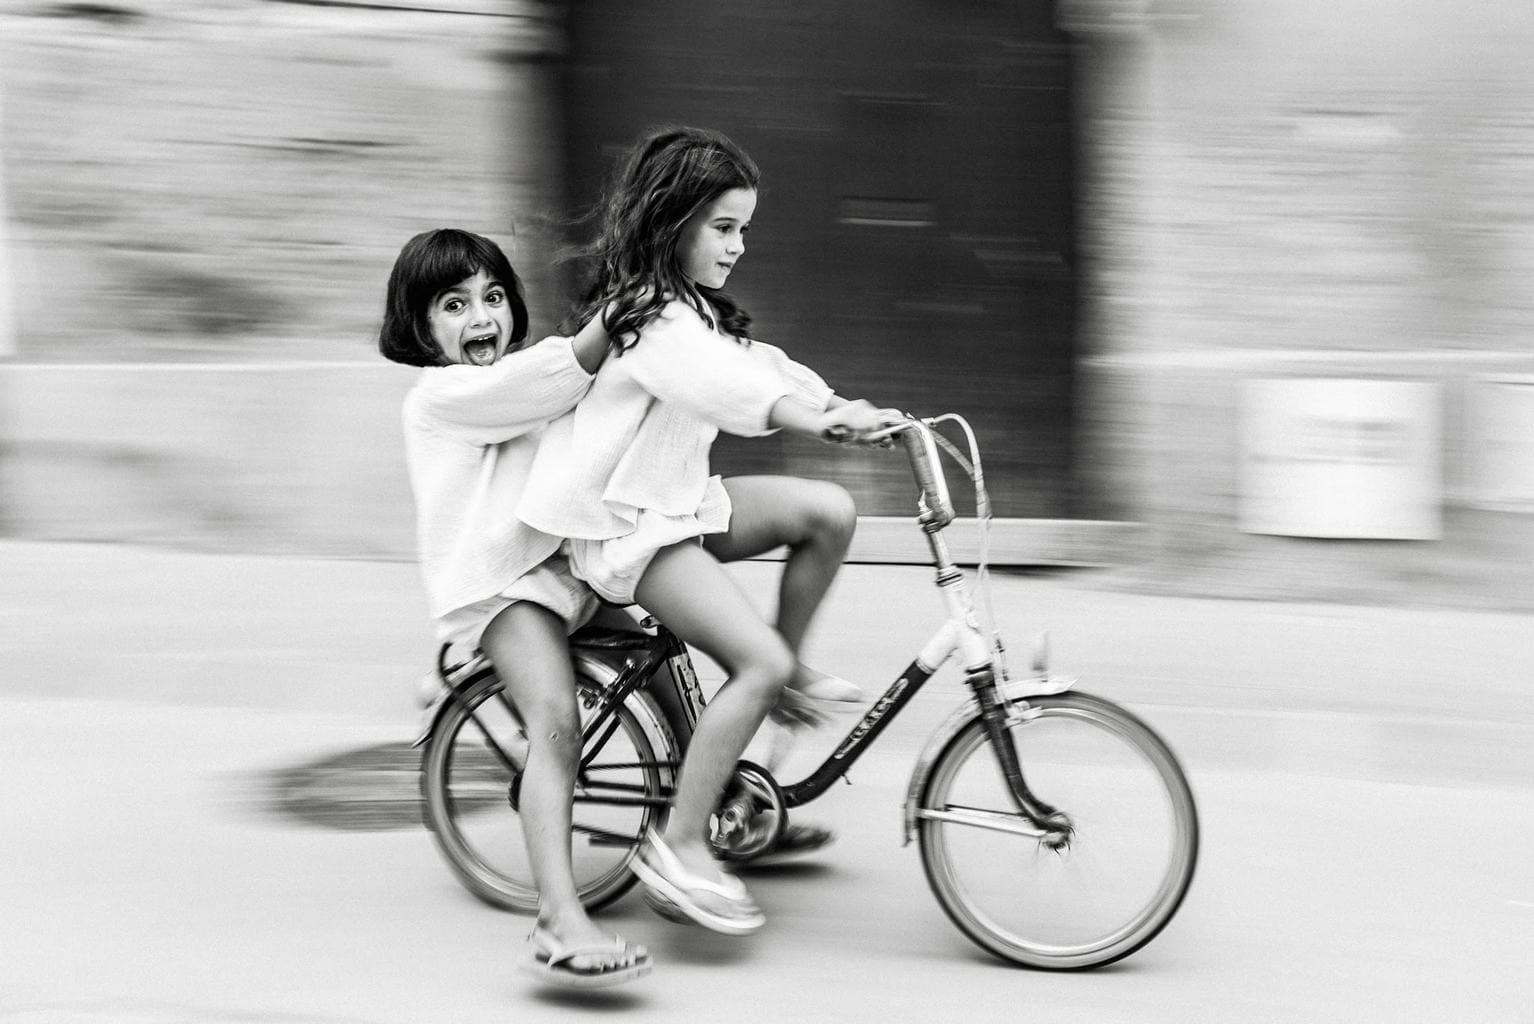 Niñas en bicicleta a toda velocidad con efecto panning